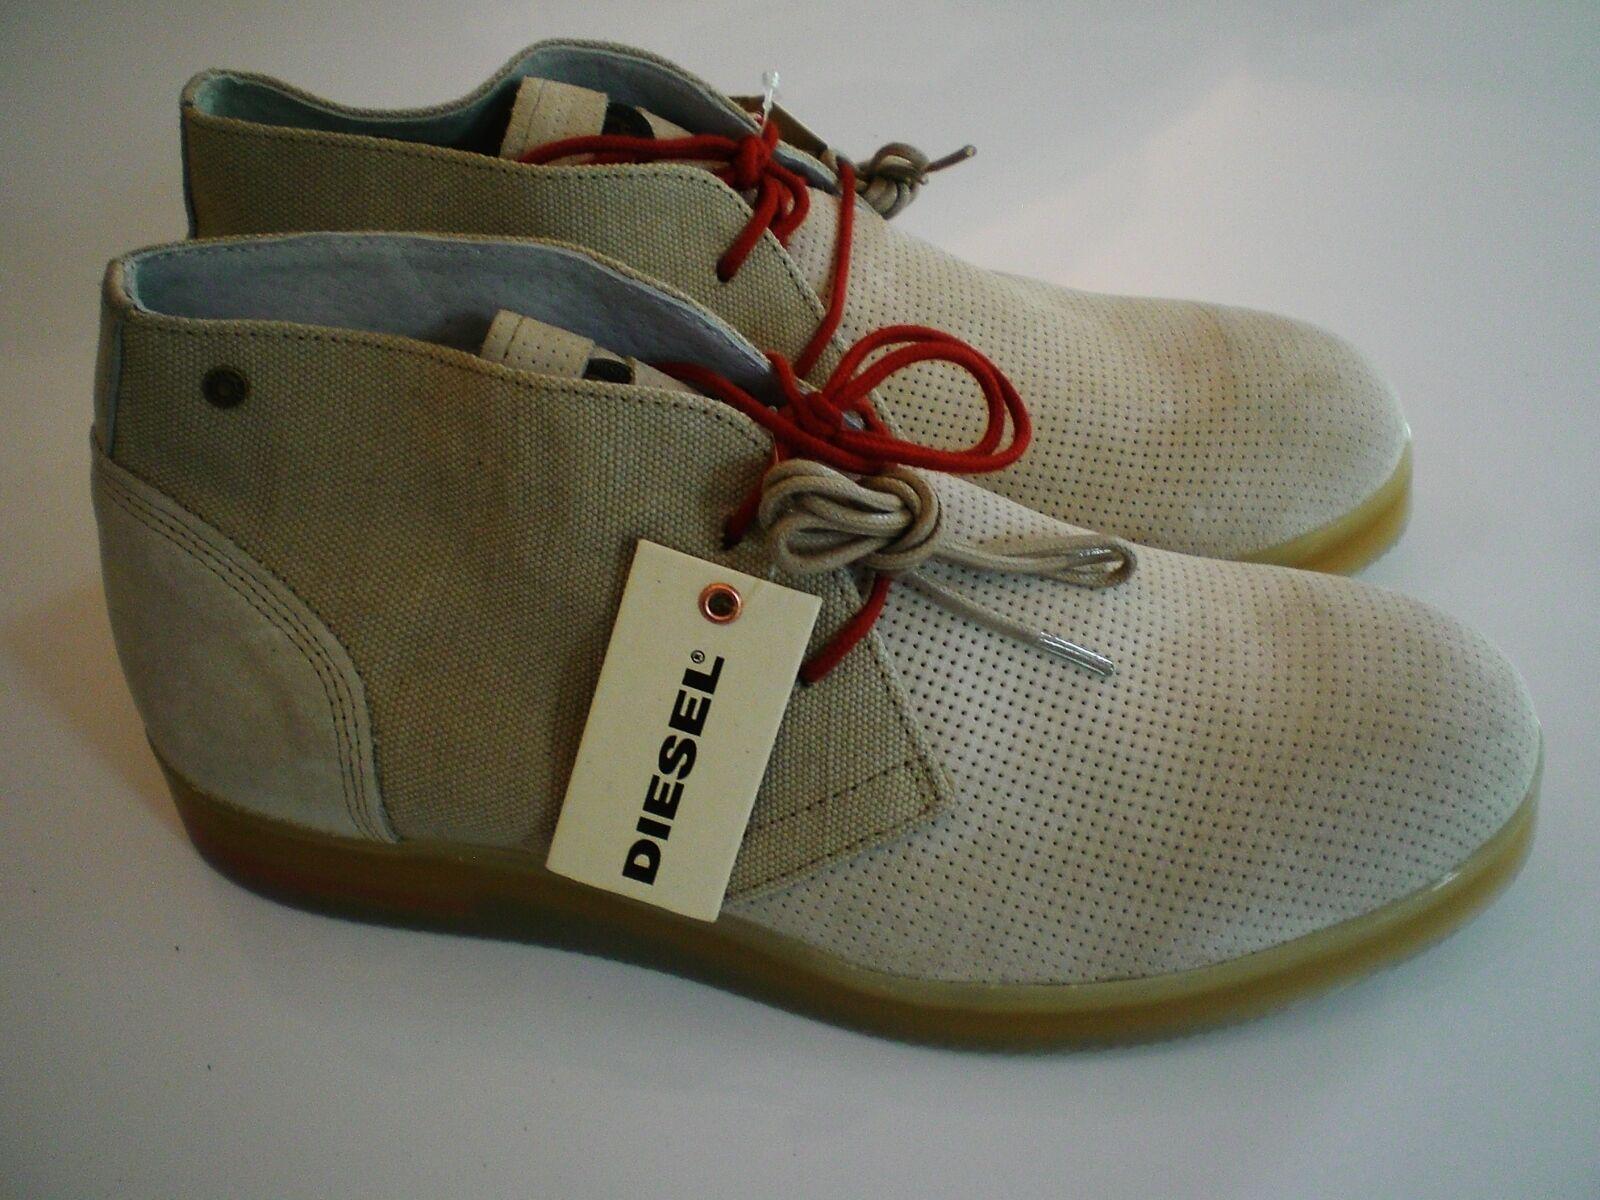 Original DIESEL Boots Schuhe SUSPENDEAD SANDMAN Stiefel Boots DIESEL Herrenschuhe Grösse 43 e4c0f6